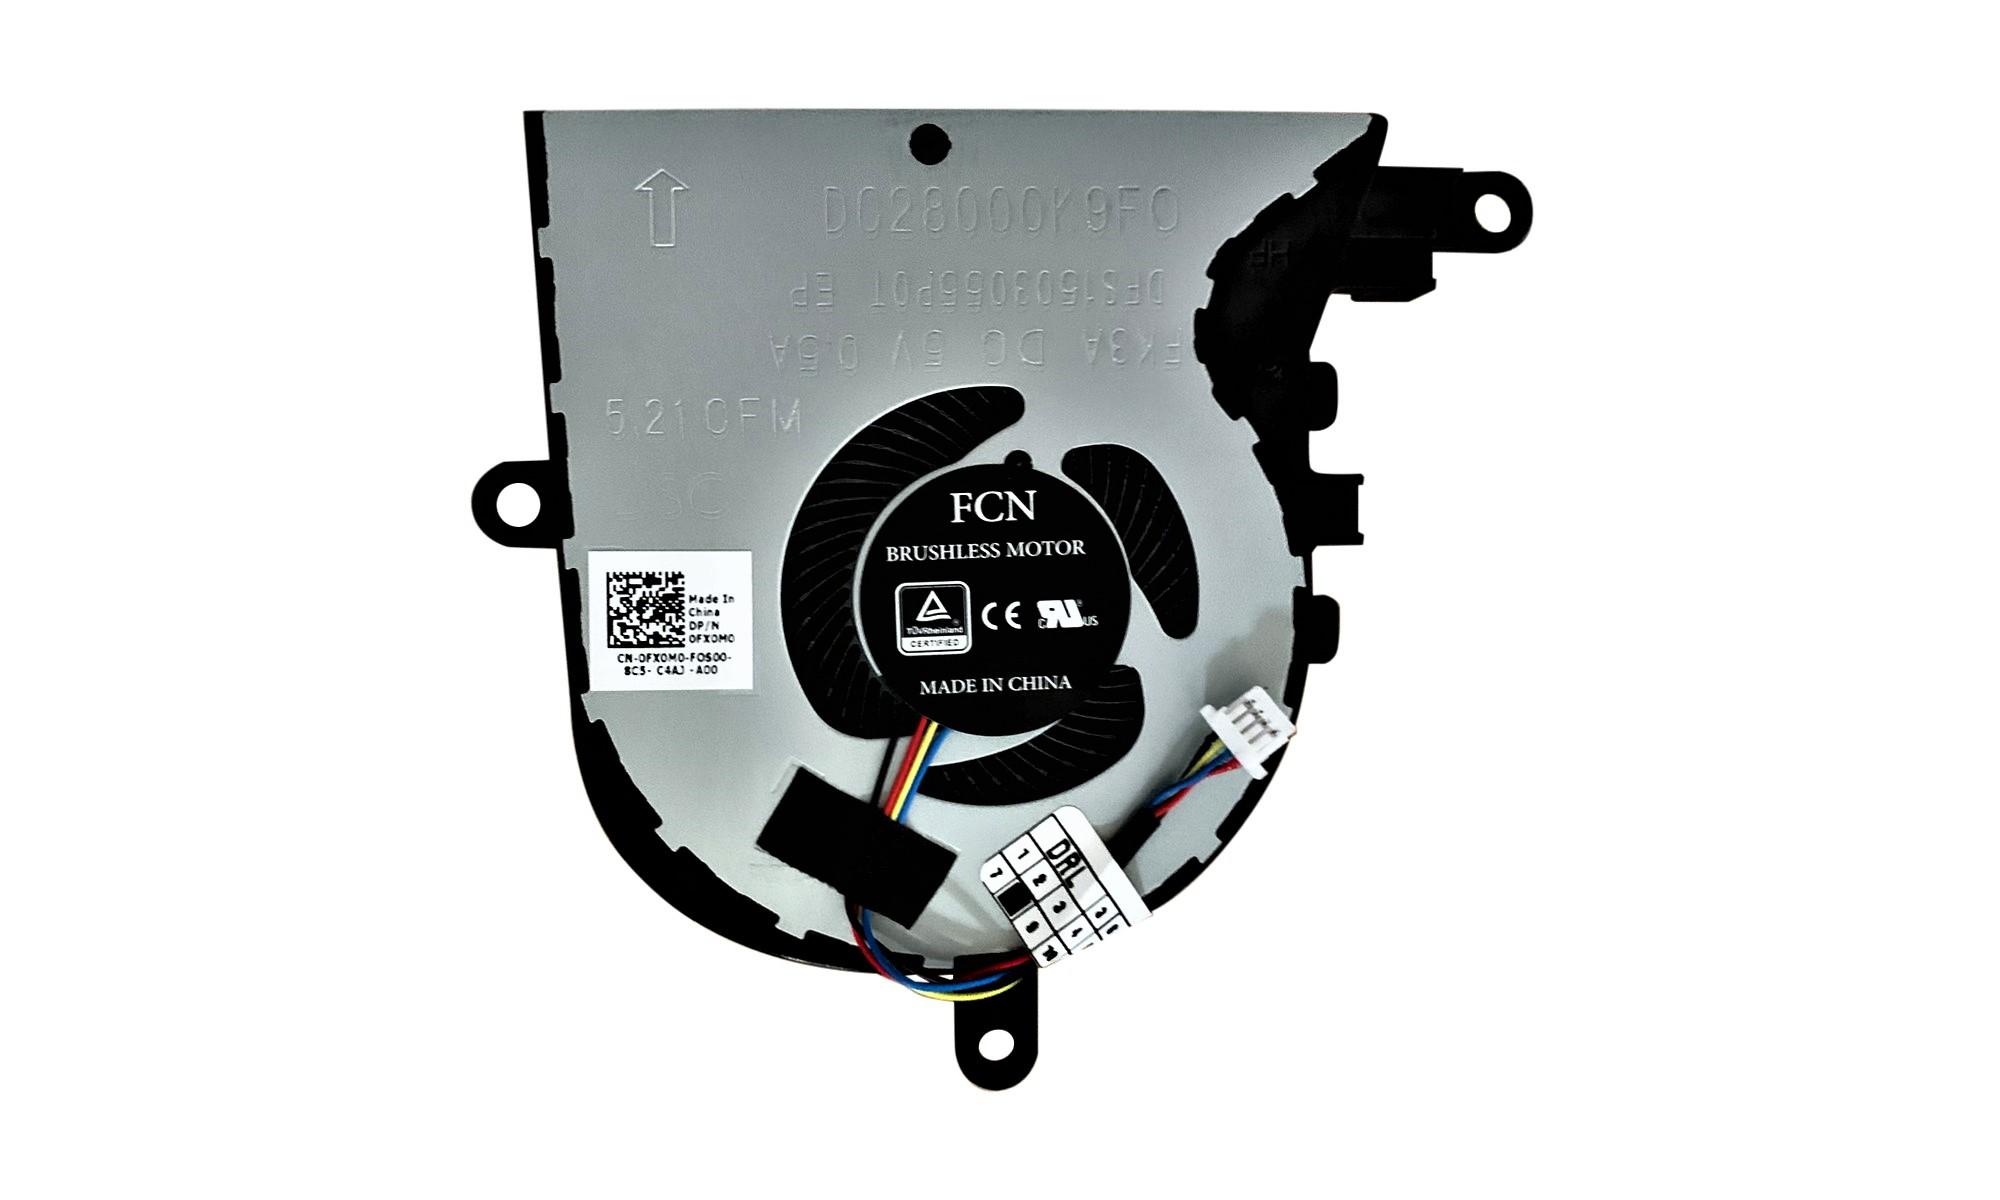 Cooler compatibil pentru procesor laptop Dell Latitude 3590, Inspiron 15 5570, Inspiron 17 5770 echipate cu placa video AMD